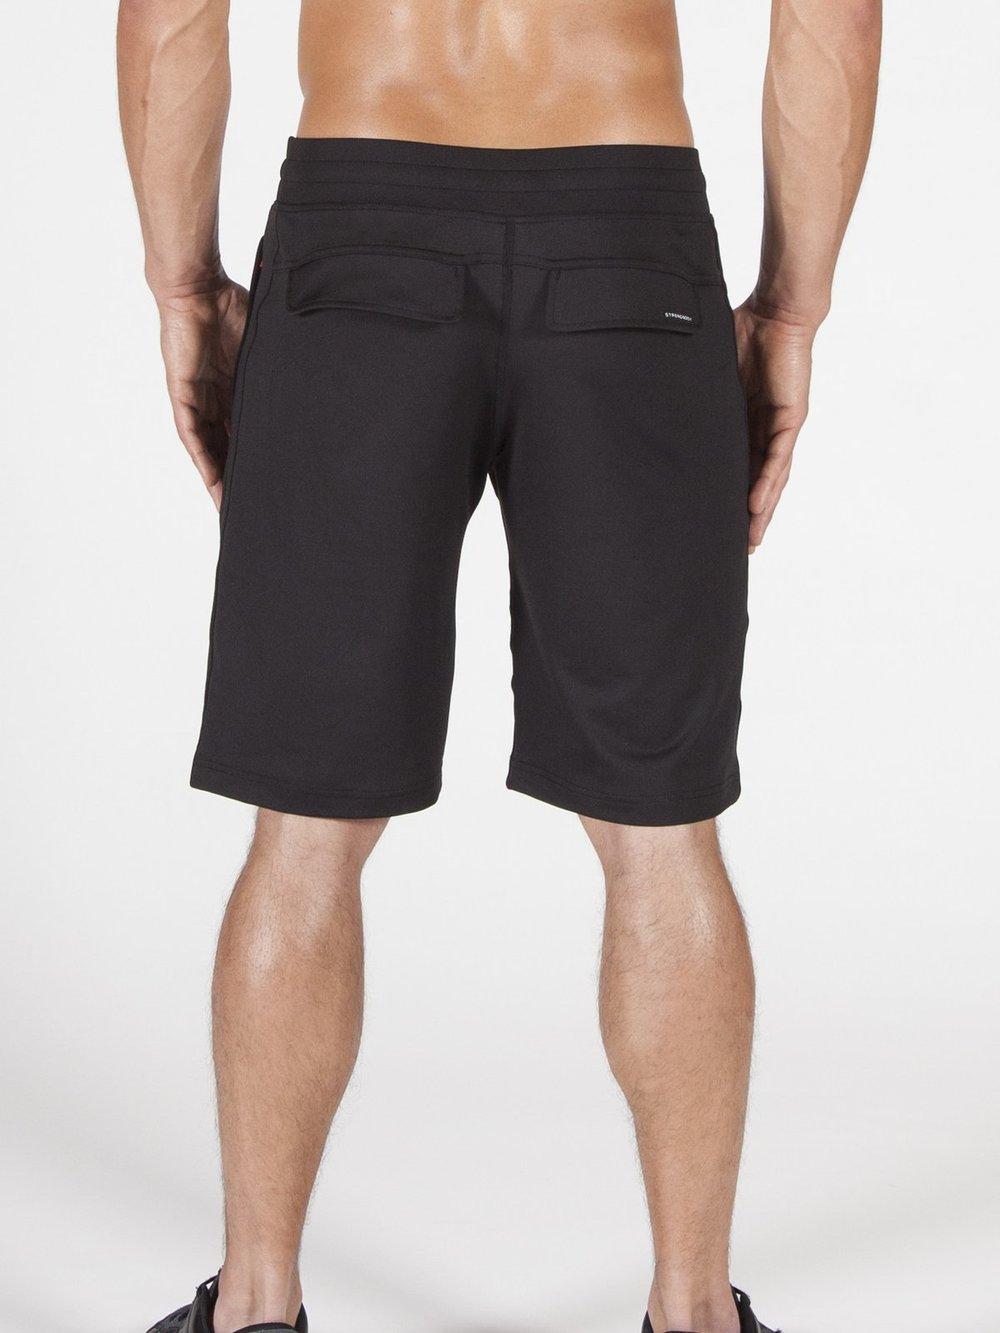 mens_shorts_1200x.jpg